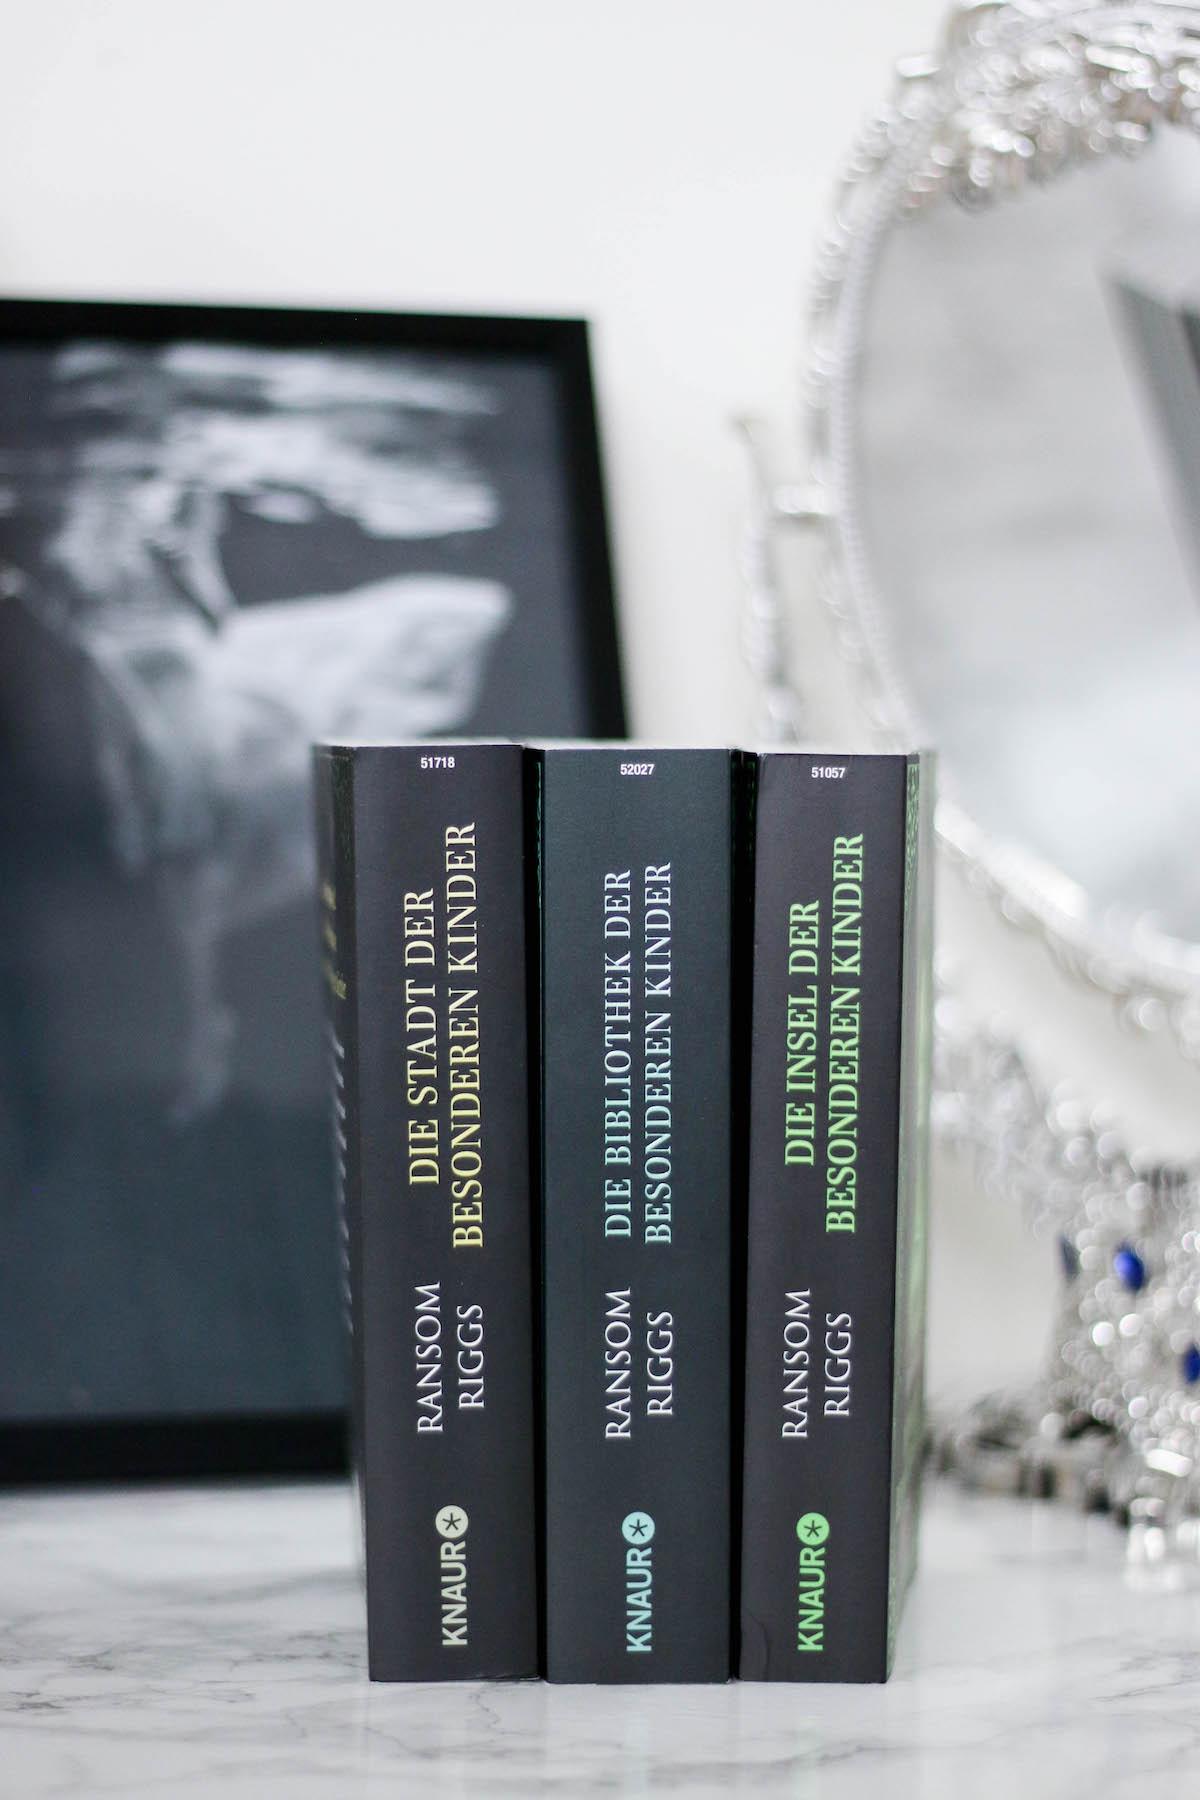 Die Insel der besonderen Kinder Trilogie von Ransom Riggs